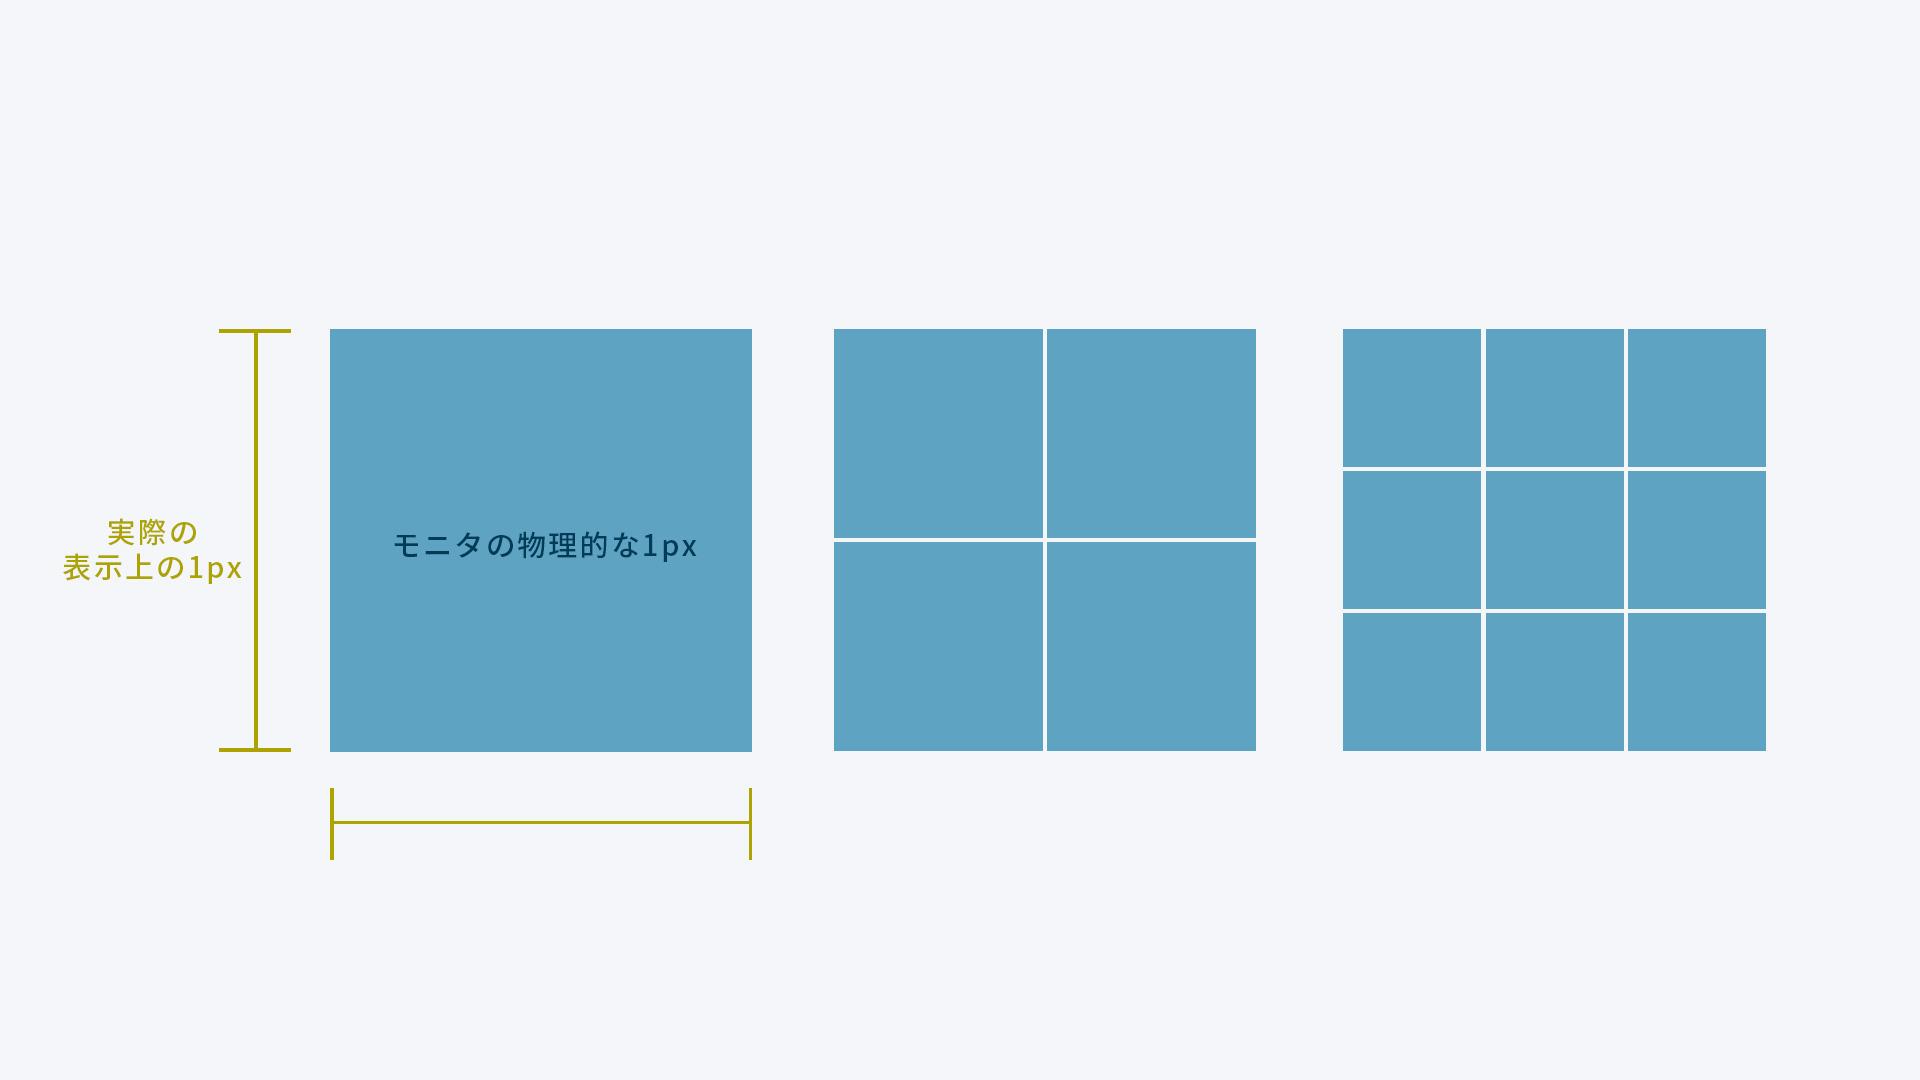 デバイスピクセル比で画像を出し分ける方法